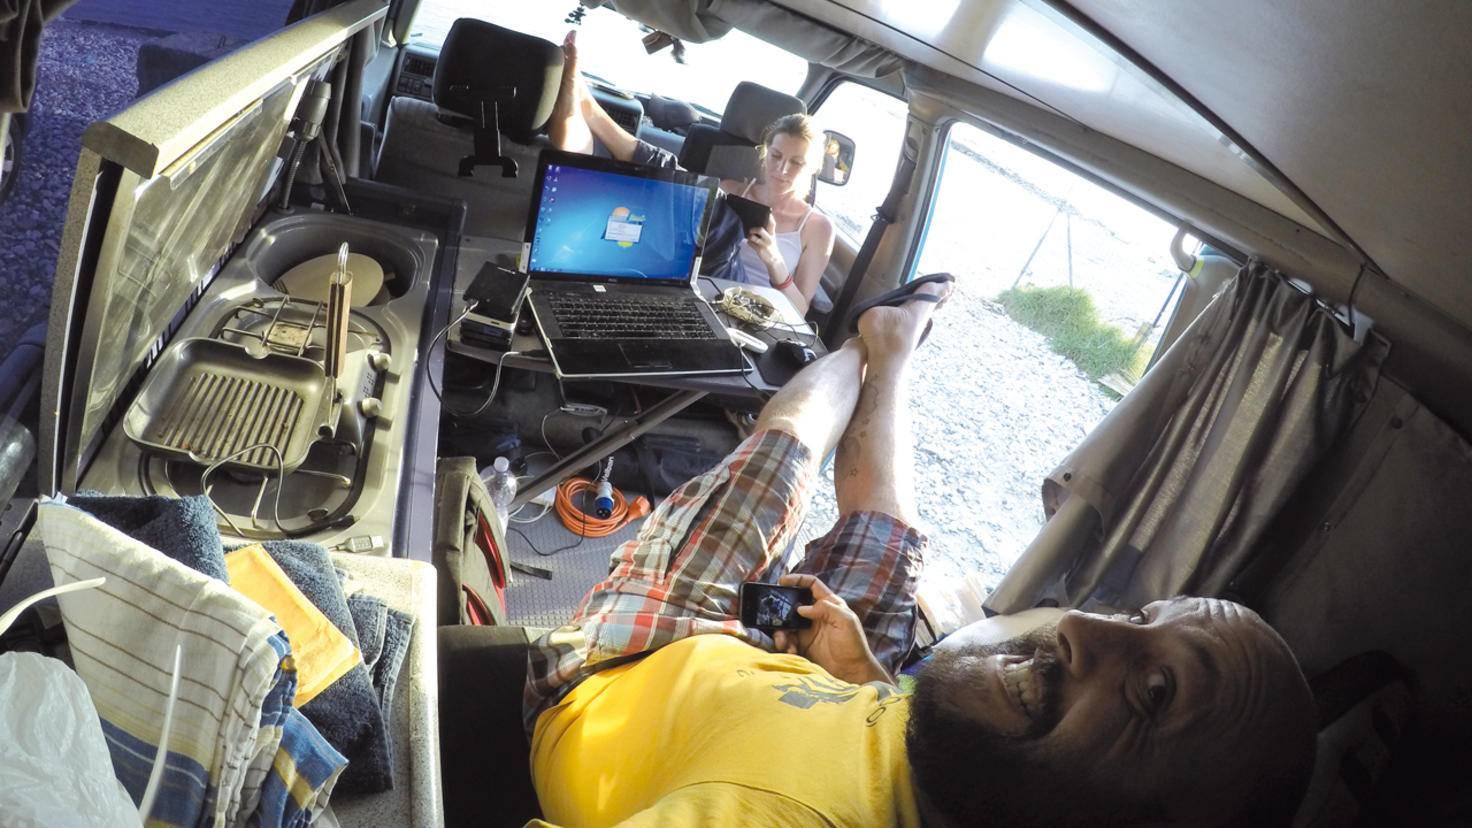 """Mobiles Headquarter: Das digitale Equipment im Van namens """"Mork"""" ermöglicht es, von fast jedem Ort der Welt aus zu arbeiten – und die Touren zu dokumentieren."""